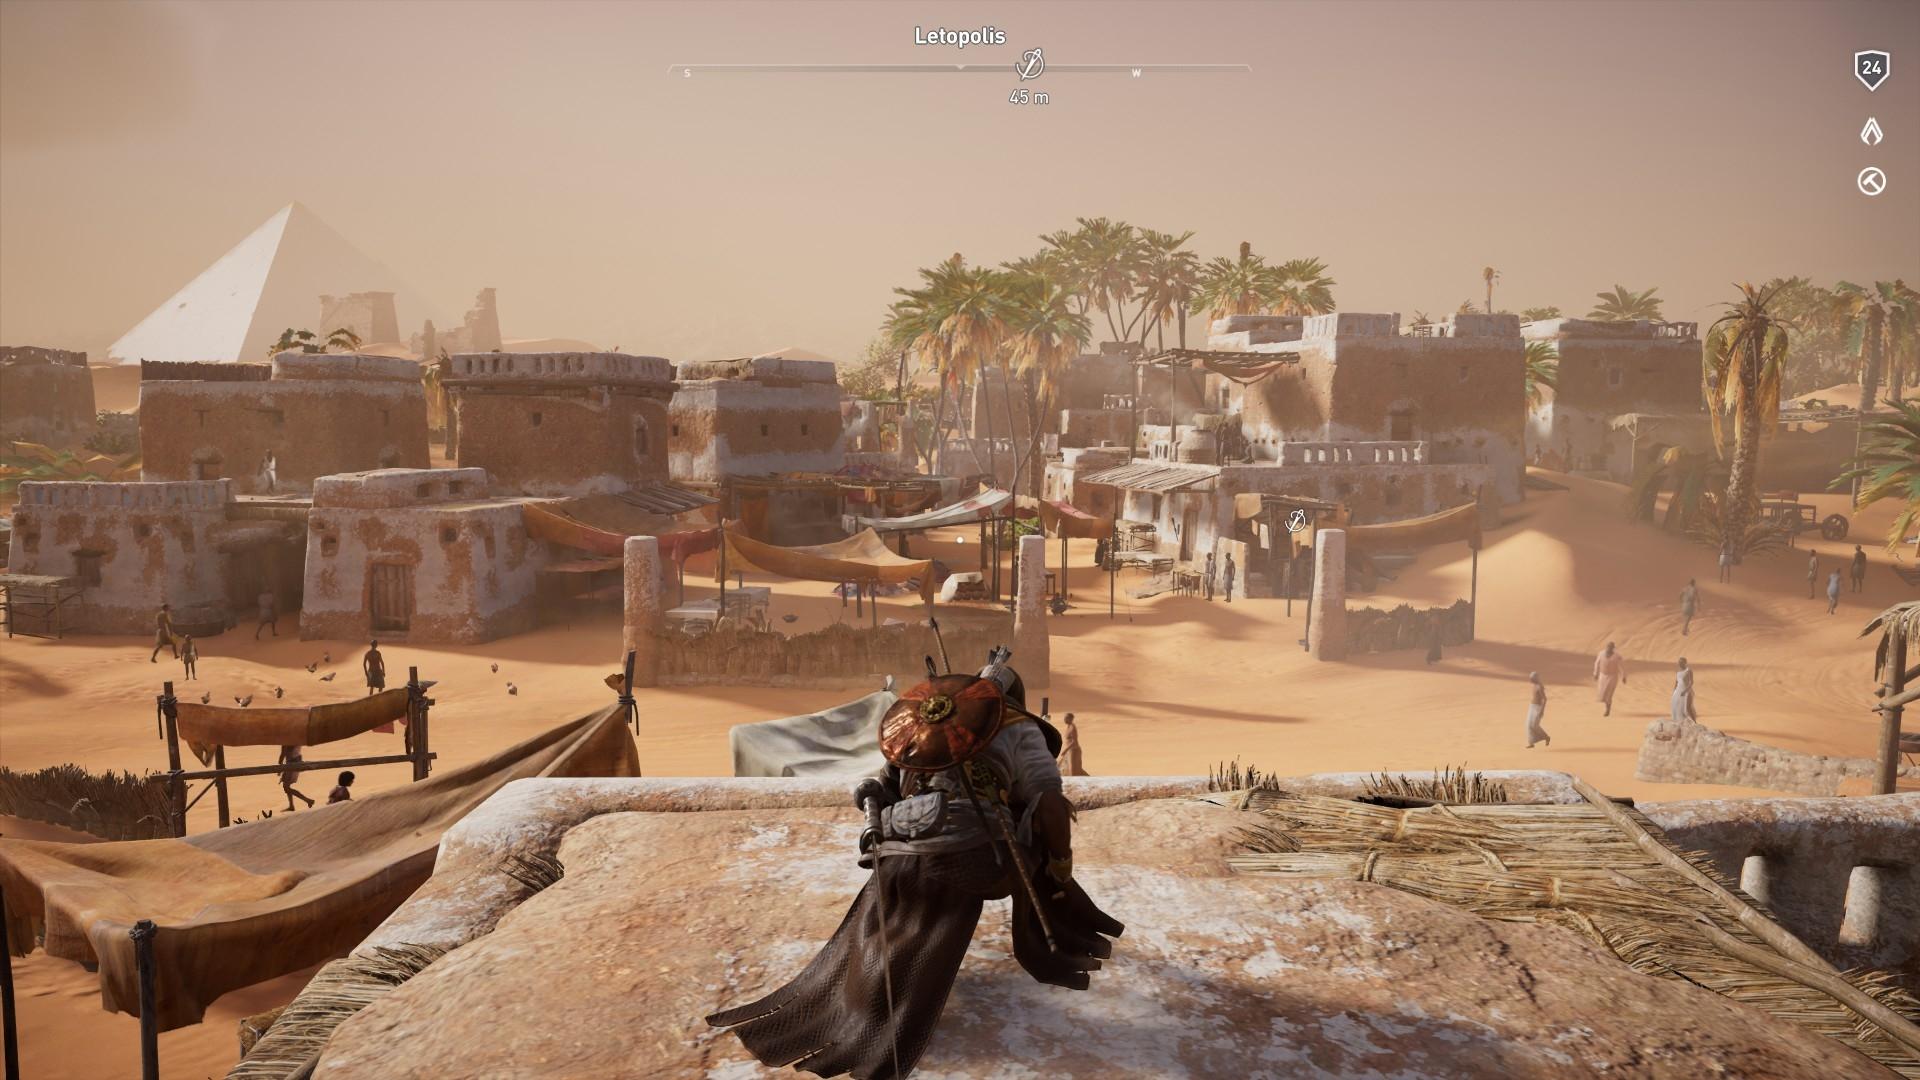 Assassin's Creed: Origins (PC) Review // TechNuovo.com